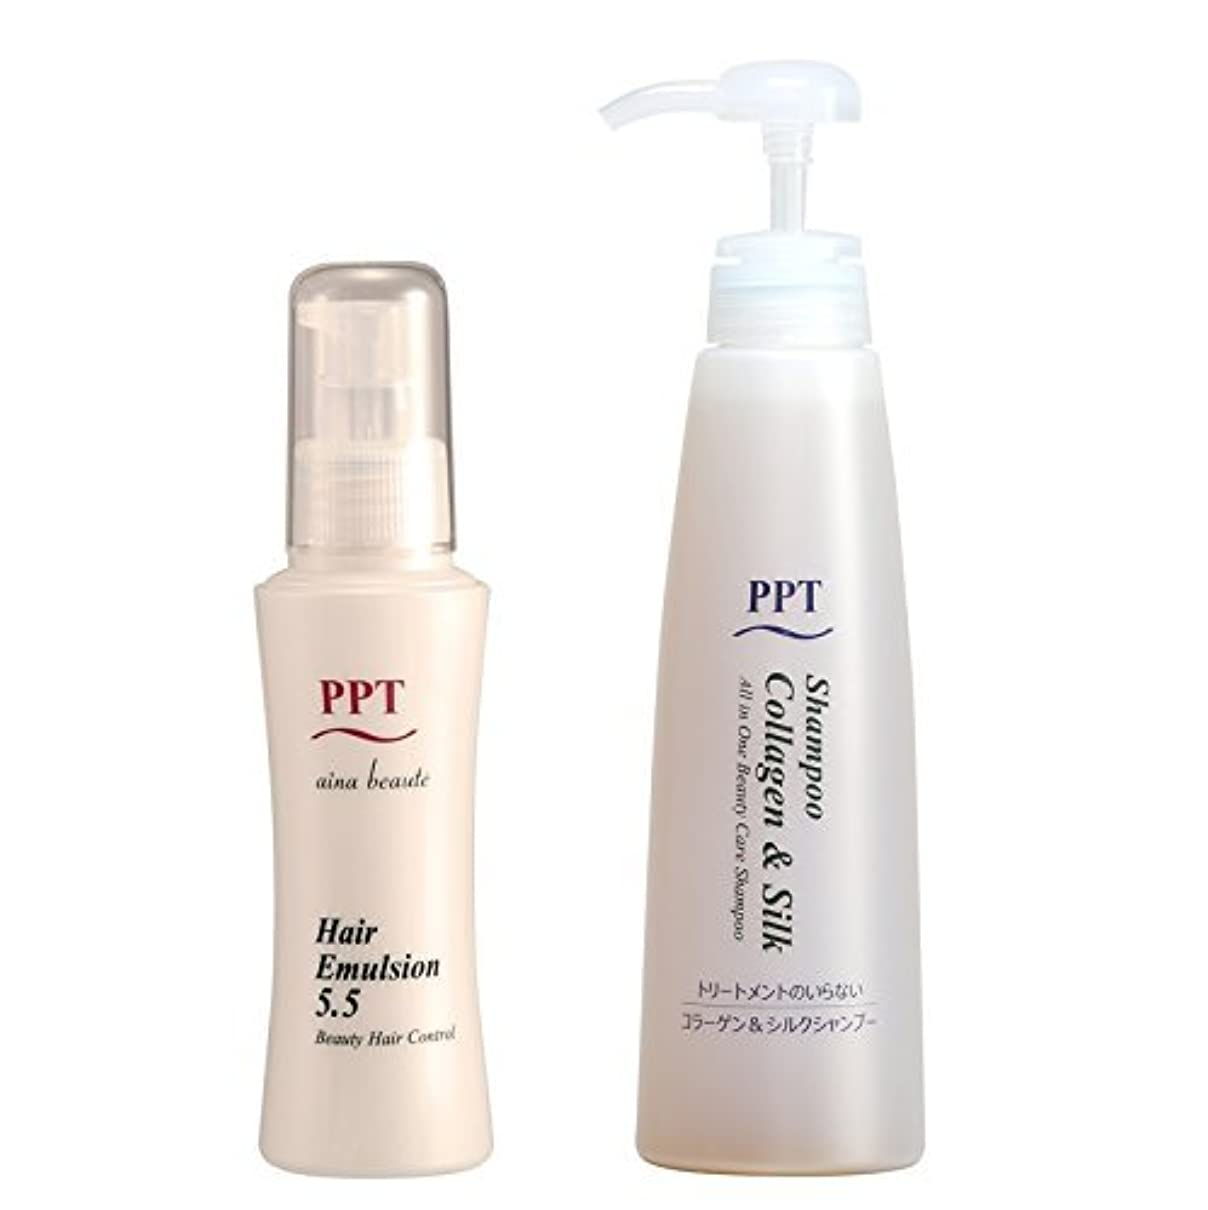 太字軽蔑逸脱トリートメント不要 PPTコラーゲン&シルクシャンプー脂性肌~普通肌用(ふんわり)、PPTヘアエマルジョン5.5セット